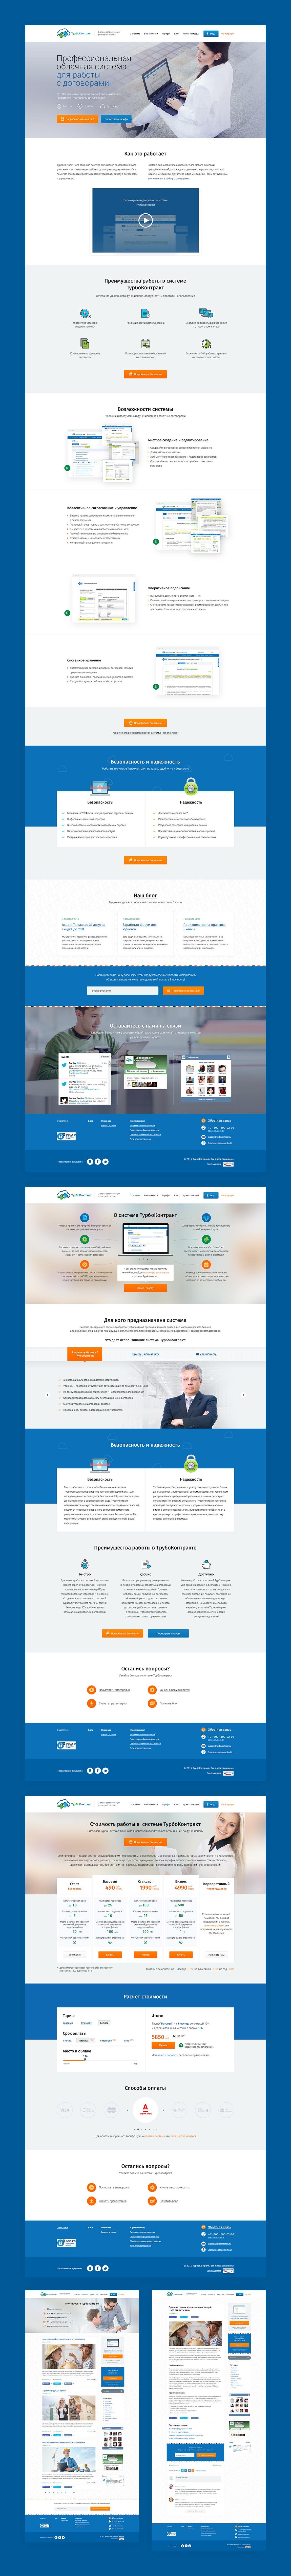 Дизайн сайта систем автоматизации договорной работы Turbocontract